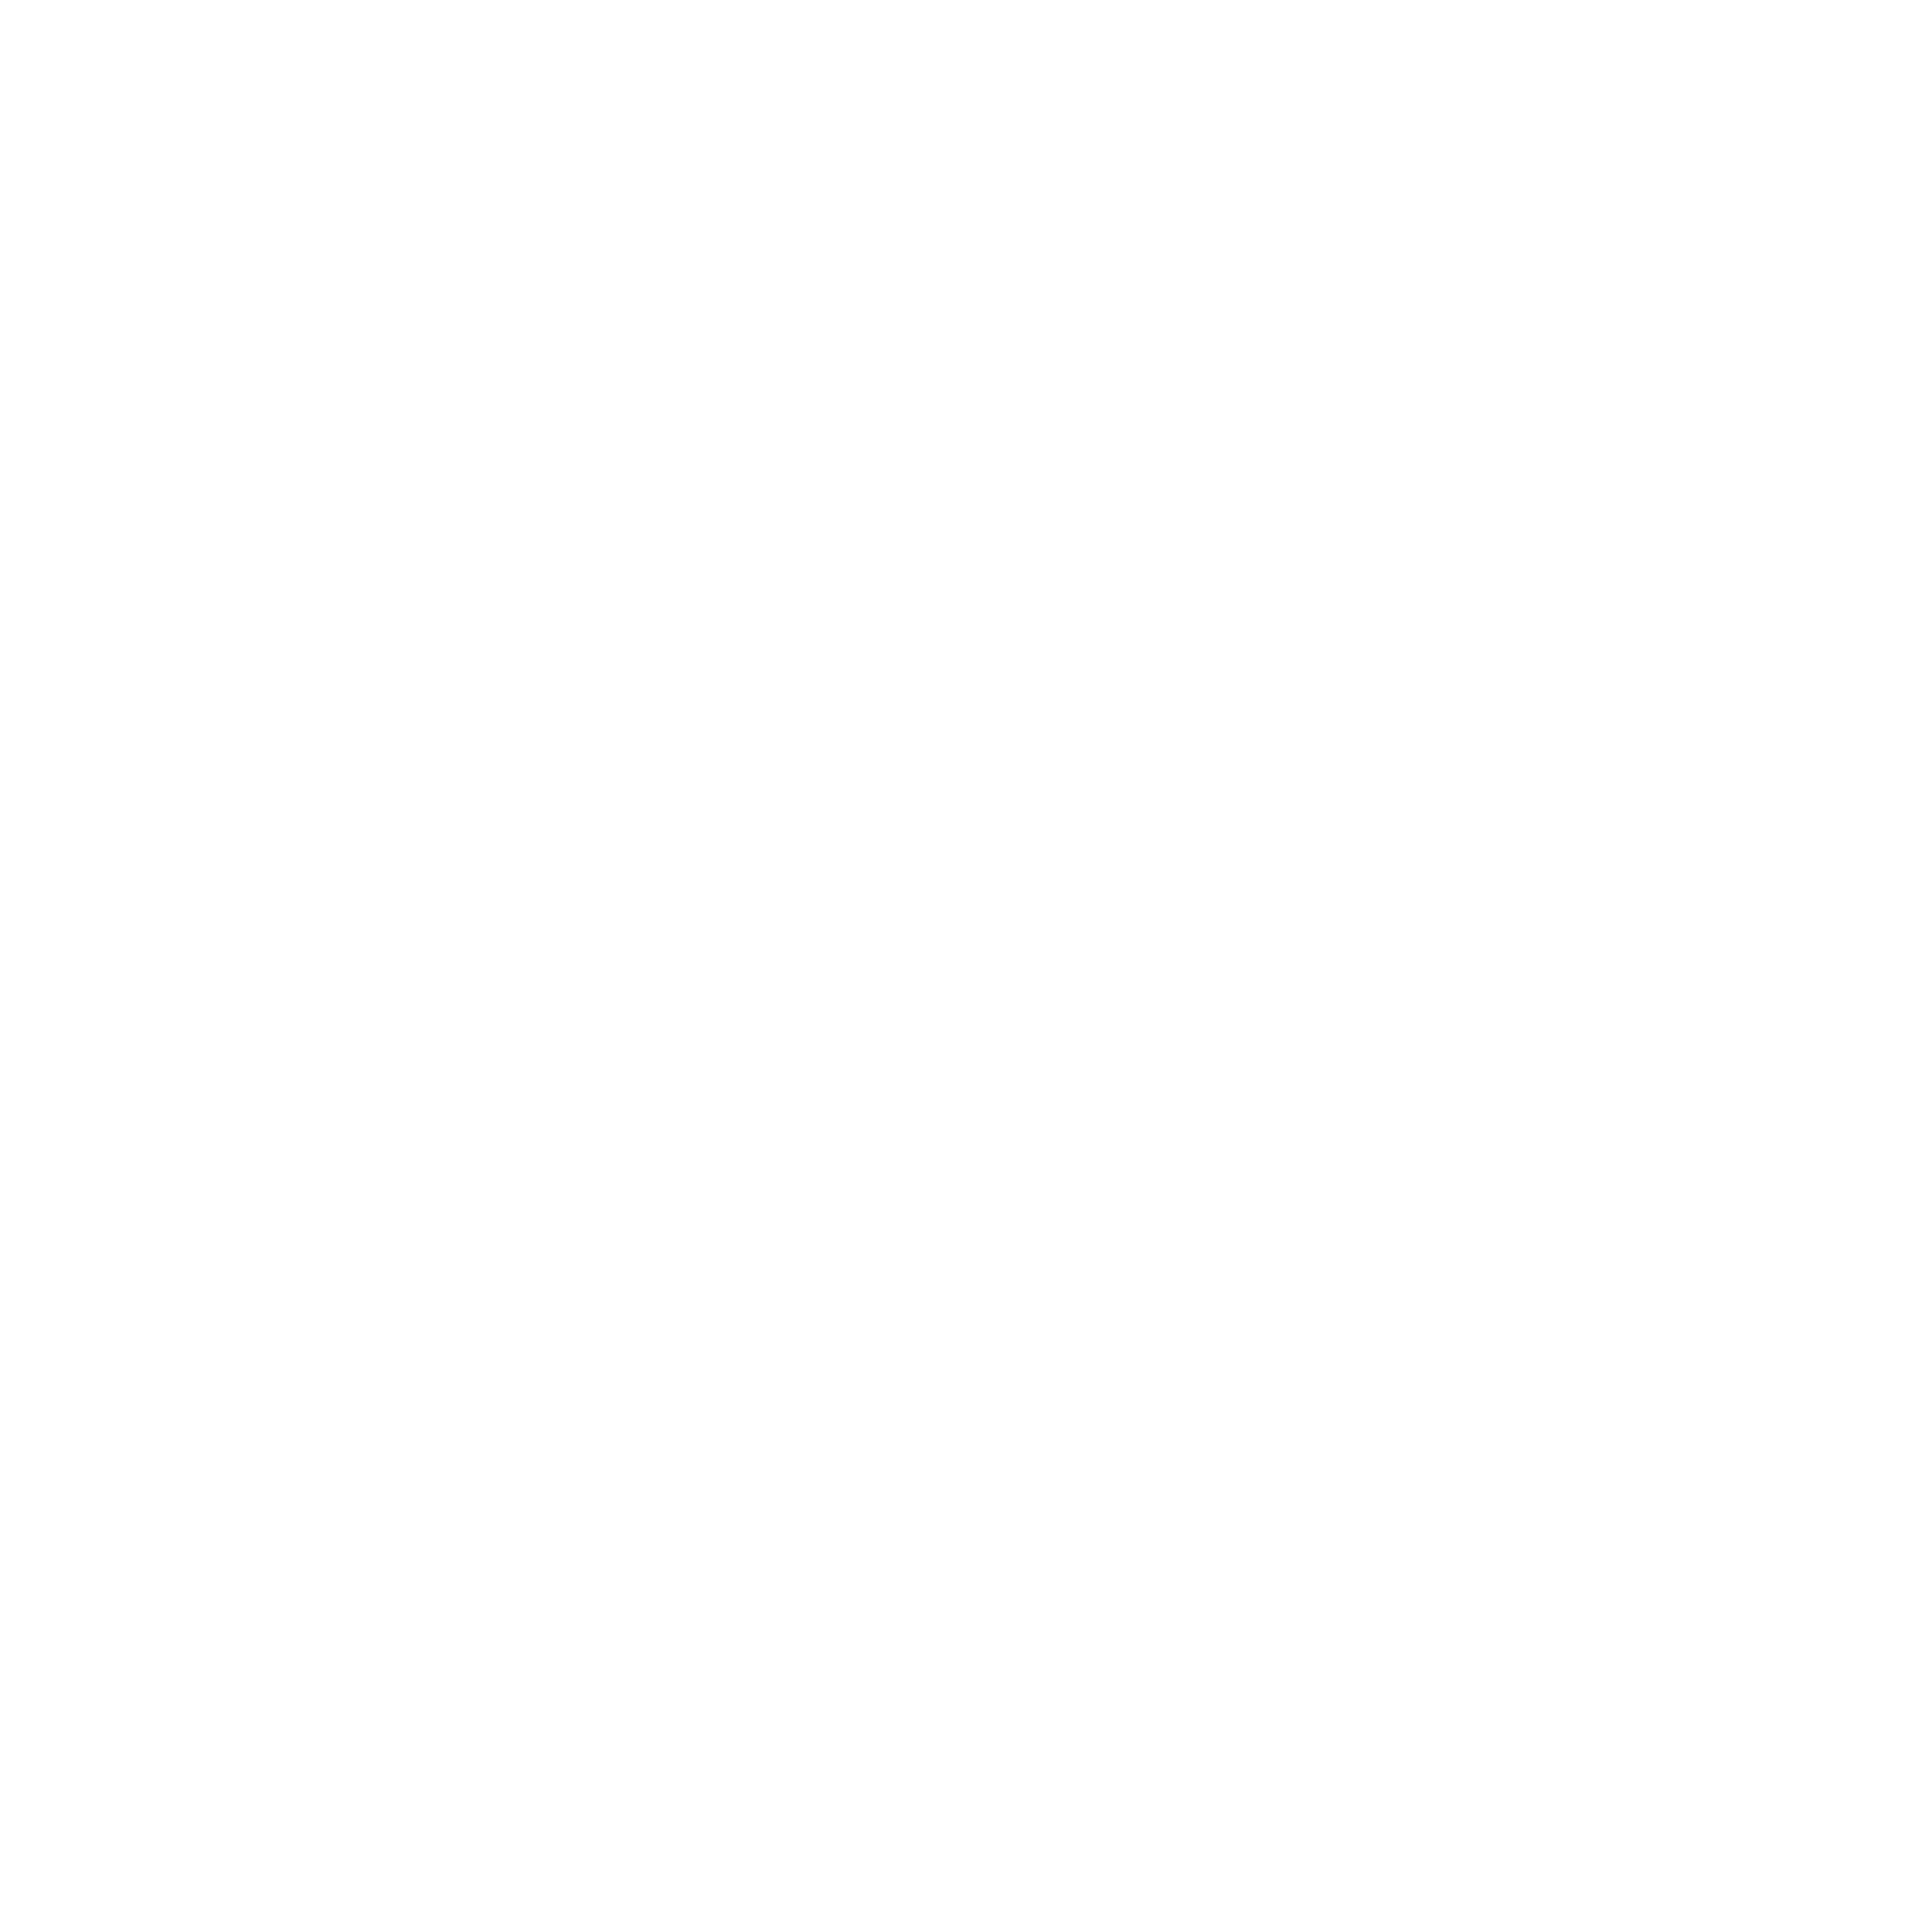 Nous sommes disponibles de 9h à 2h et de 13h à 20h pour répondre à vos questions via téléphone au 06.35.13.02.02, par mail à training-distribution@gmail.com ou par le chat